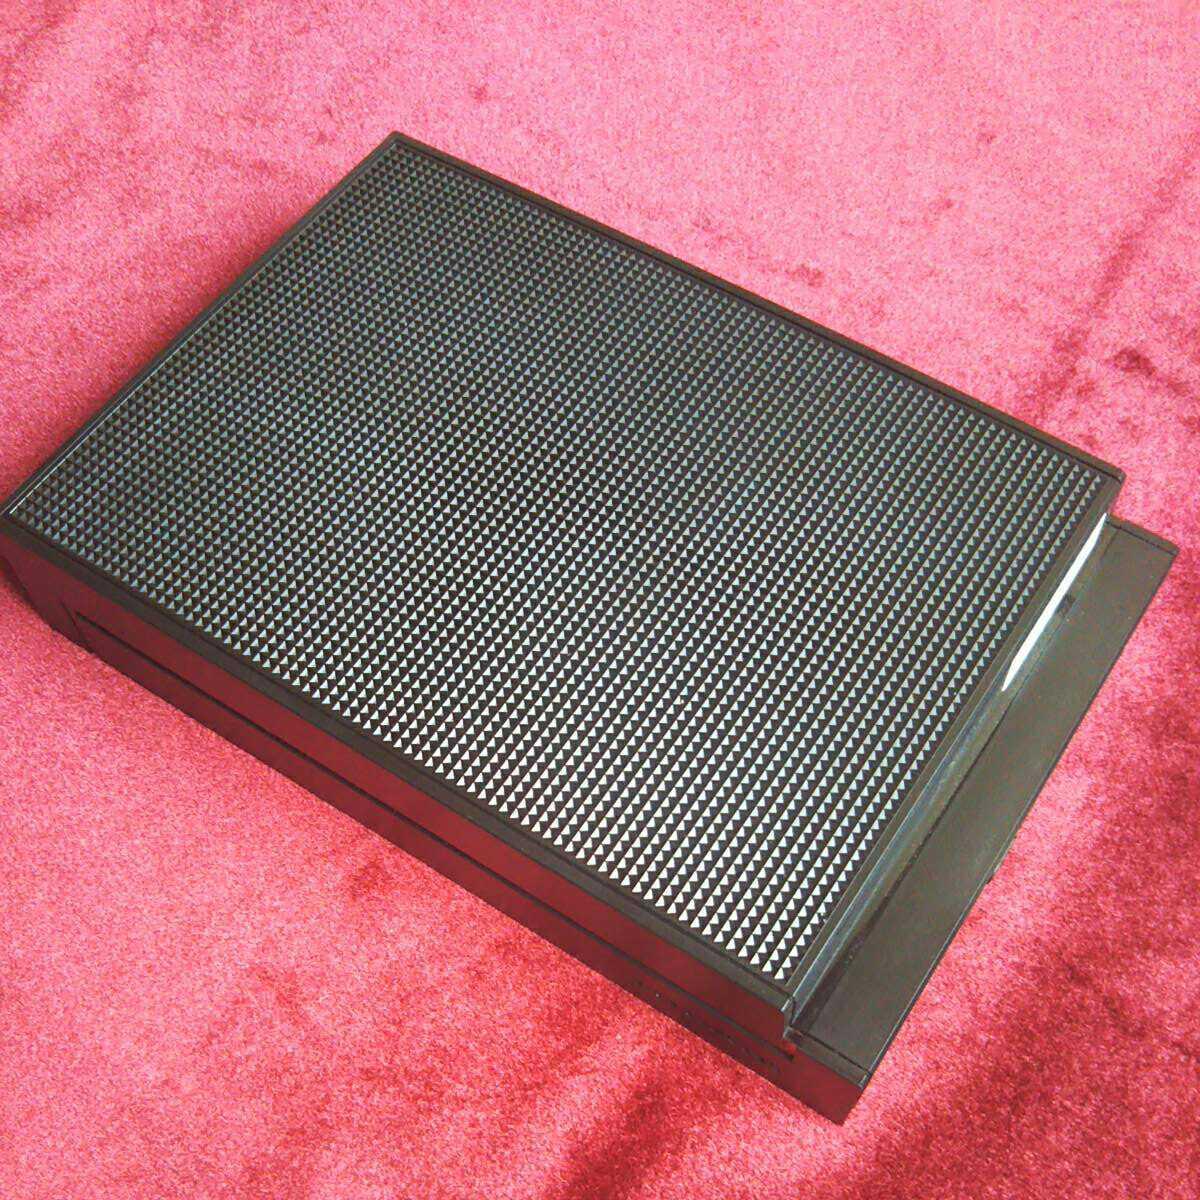 外付けHDD 2TB 1個 DVD-RW 10枚 DVD-R for data 38枚 DVDケース 66個 セット